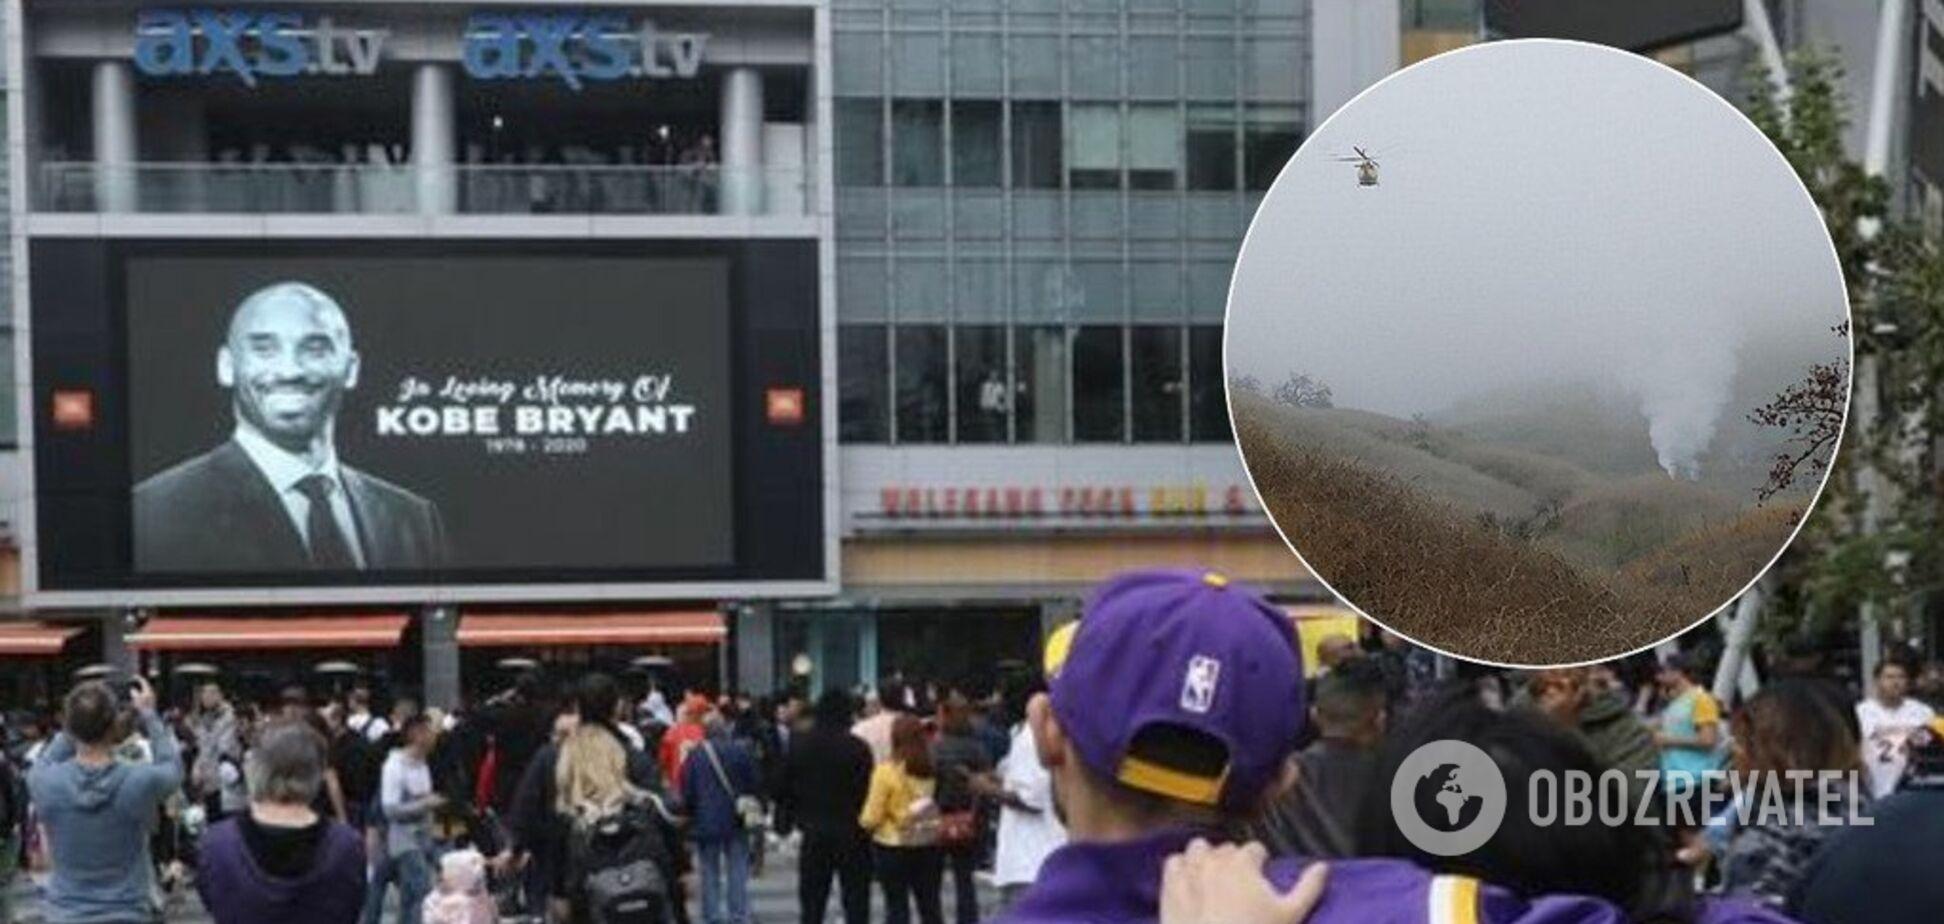 У США прощаються із легендарним баскетболістом Кобі Браянтом: фото